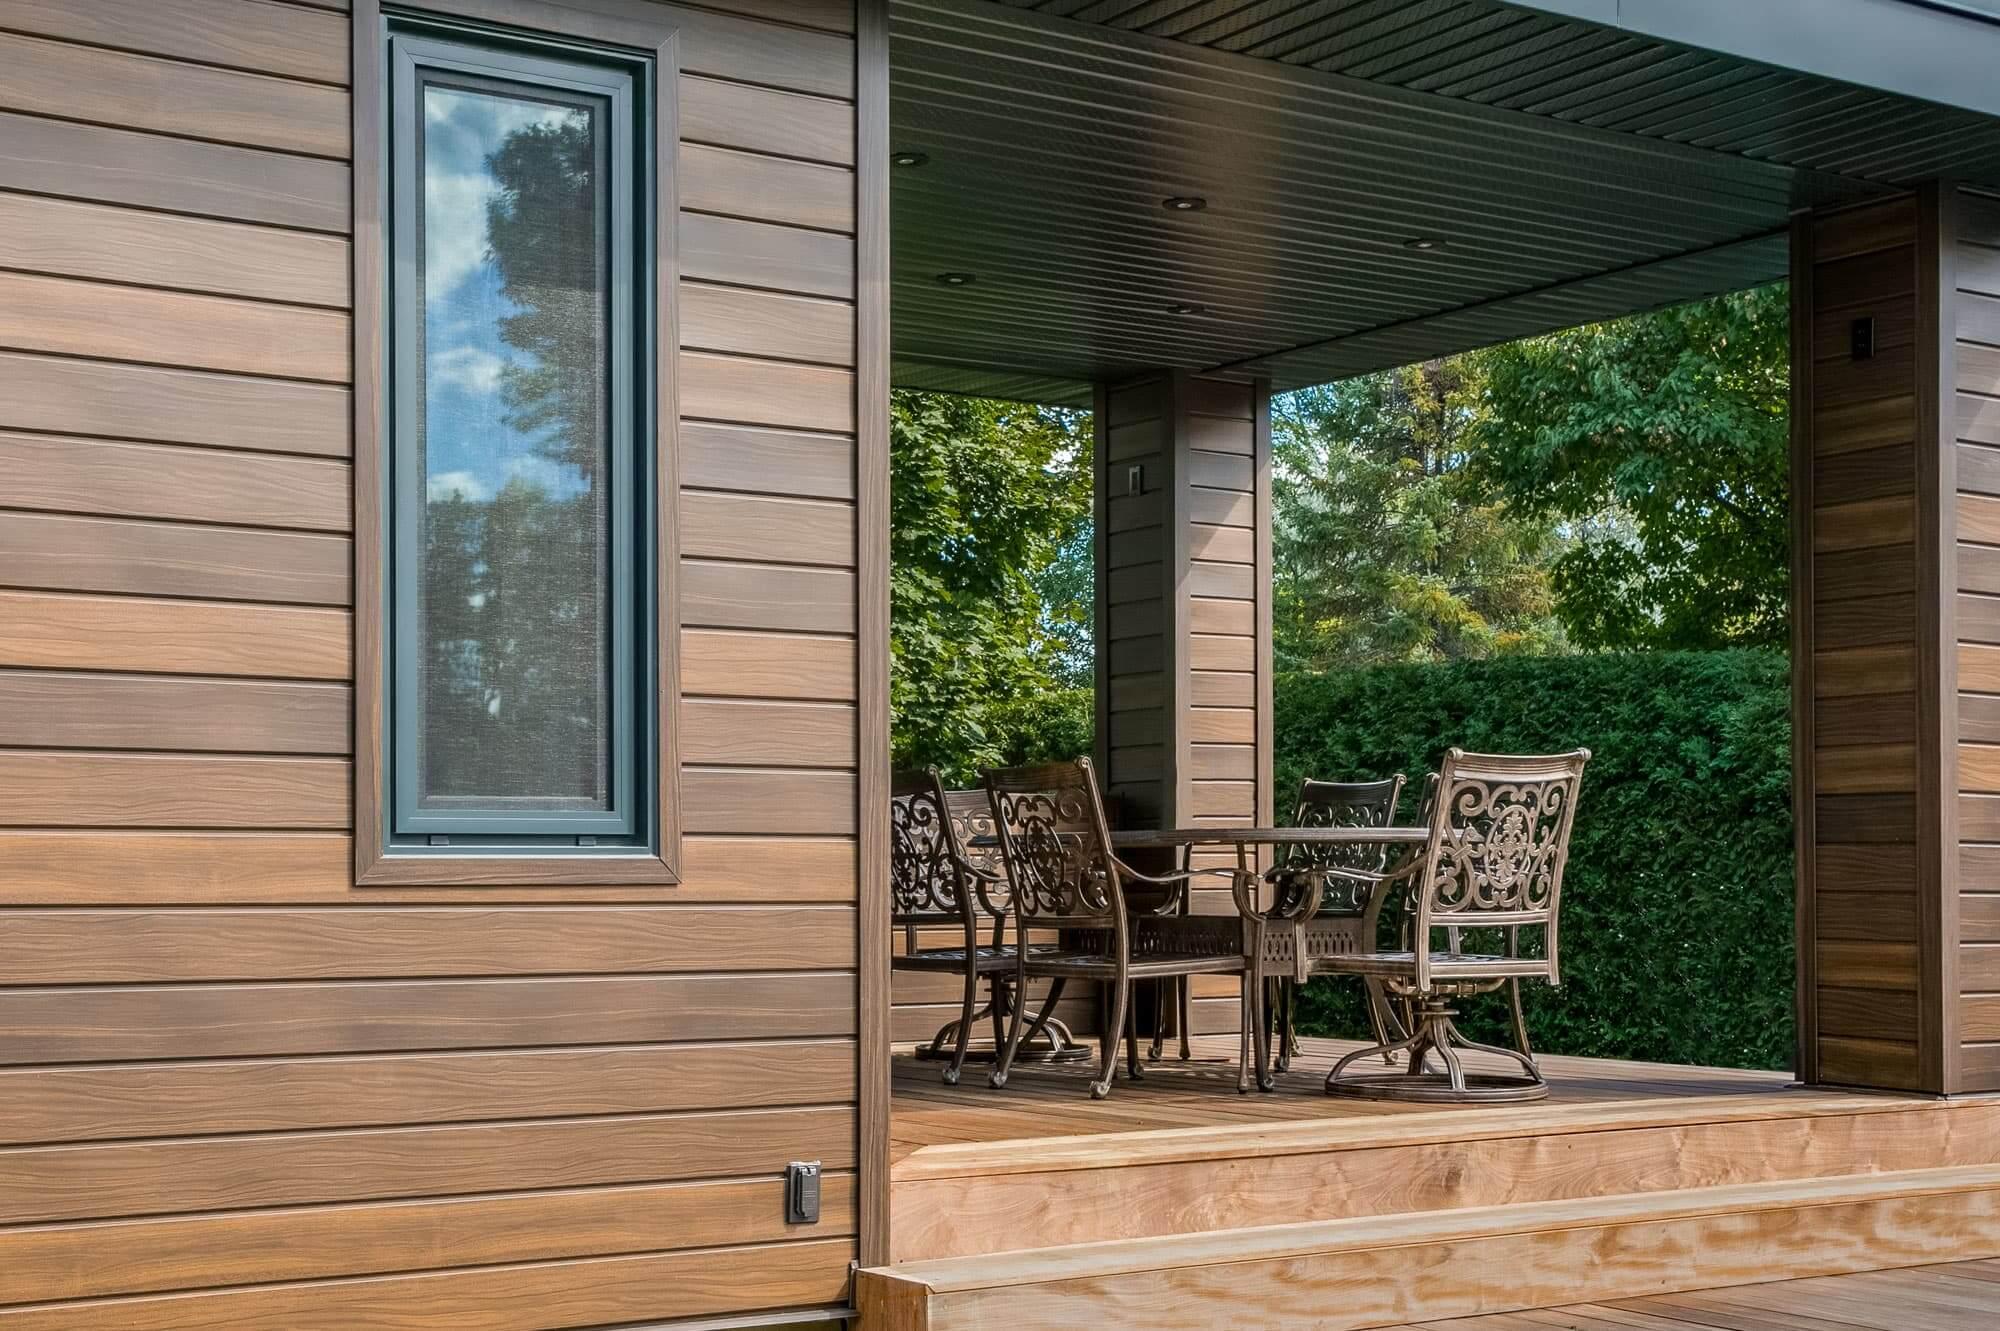 derrière de maison avec nouvelle terrasse en bois et toit